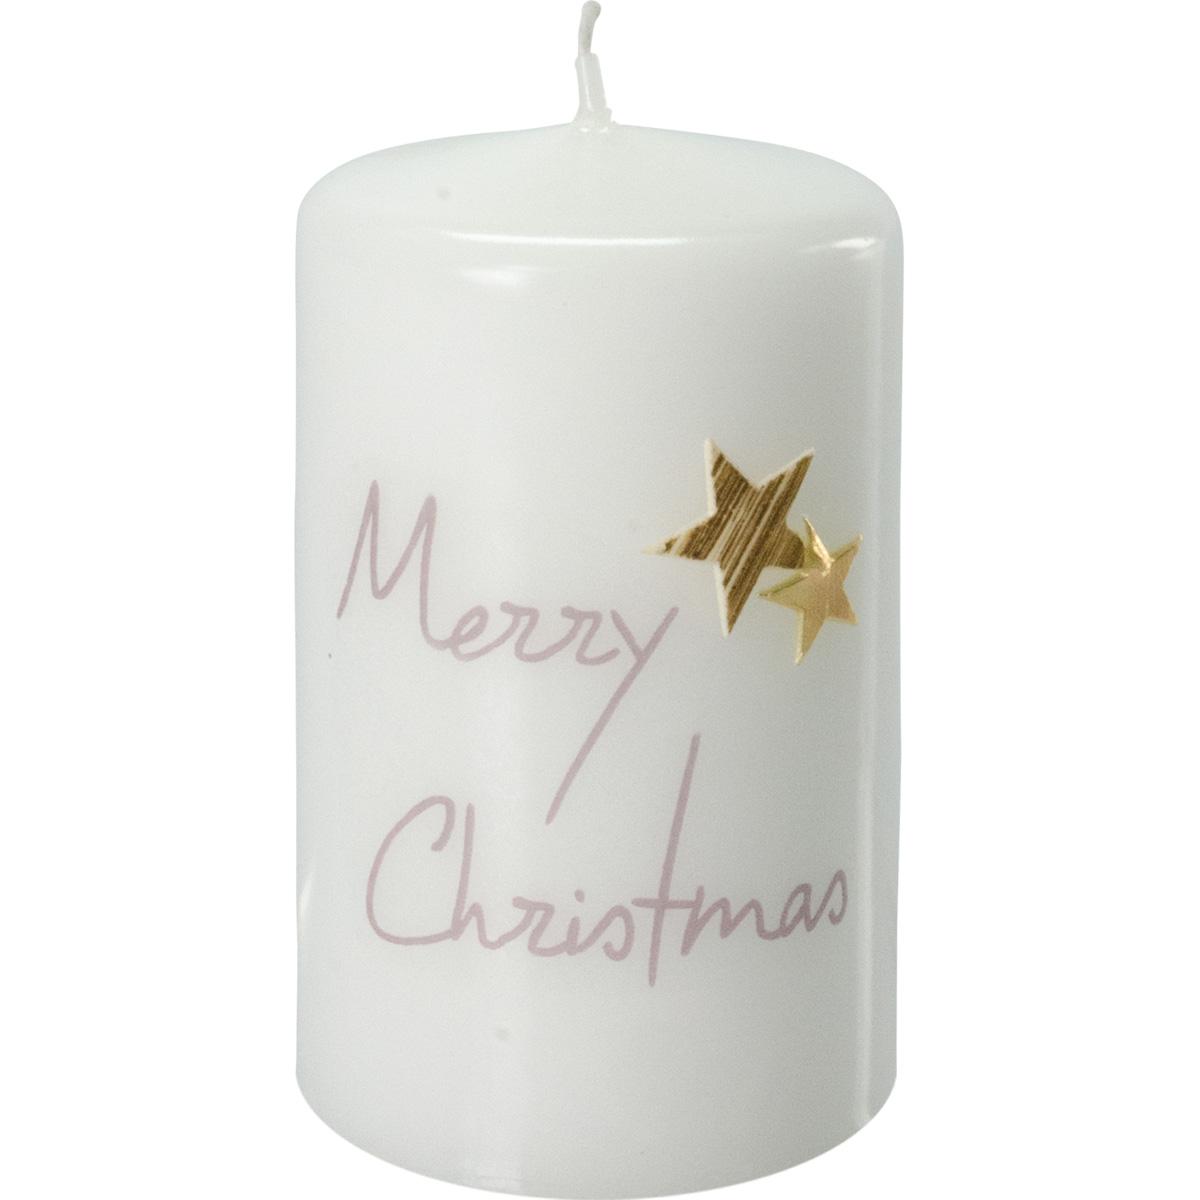 Weihnachtskerze, 2767, 100x60, weiß, Merry Christmas